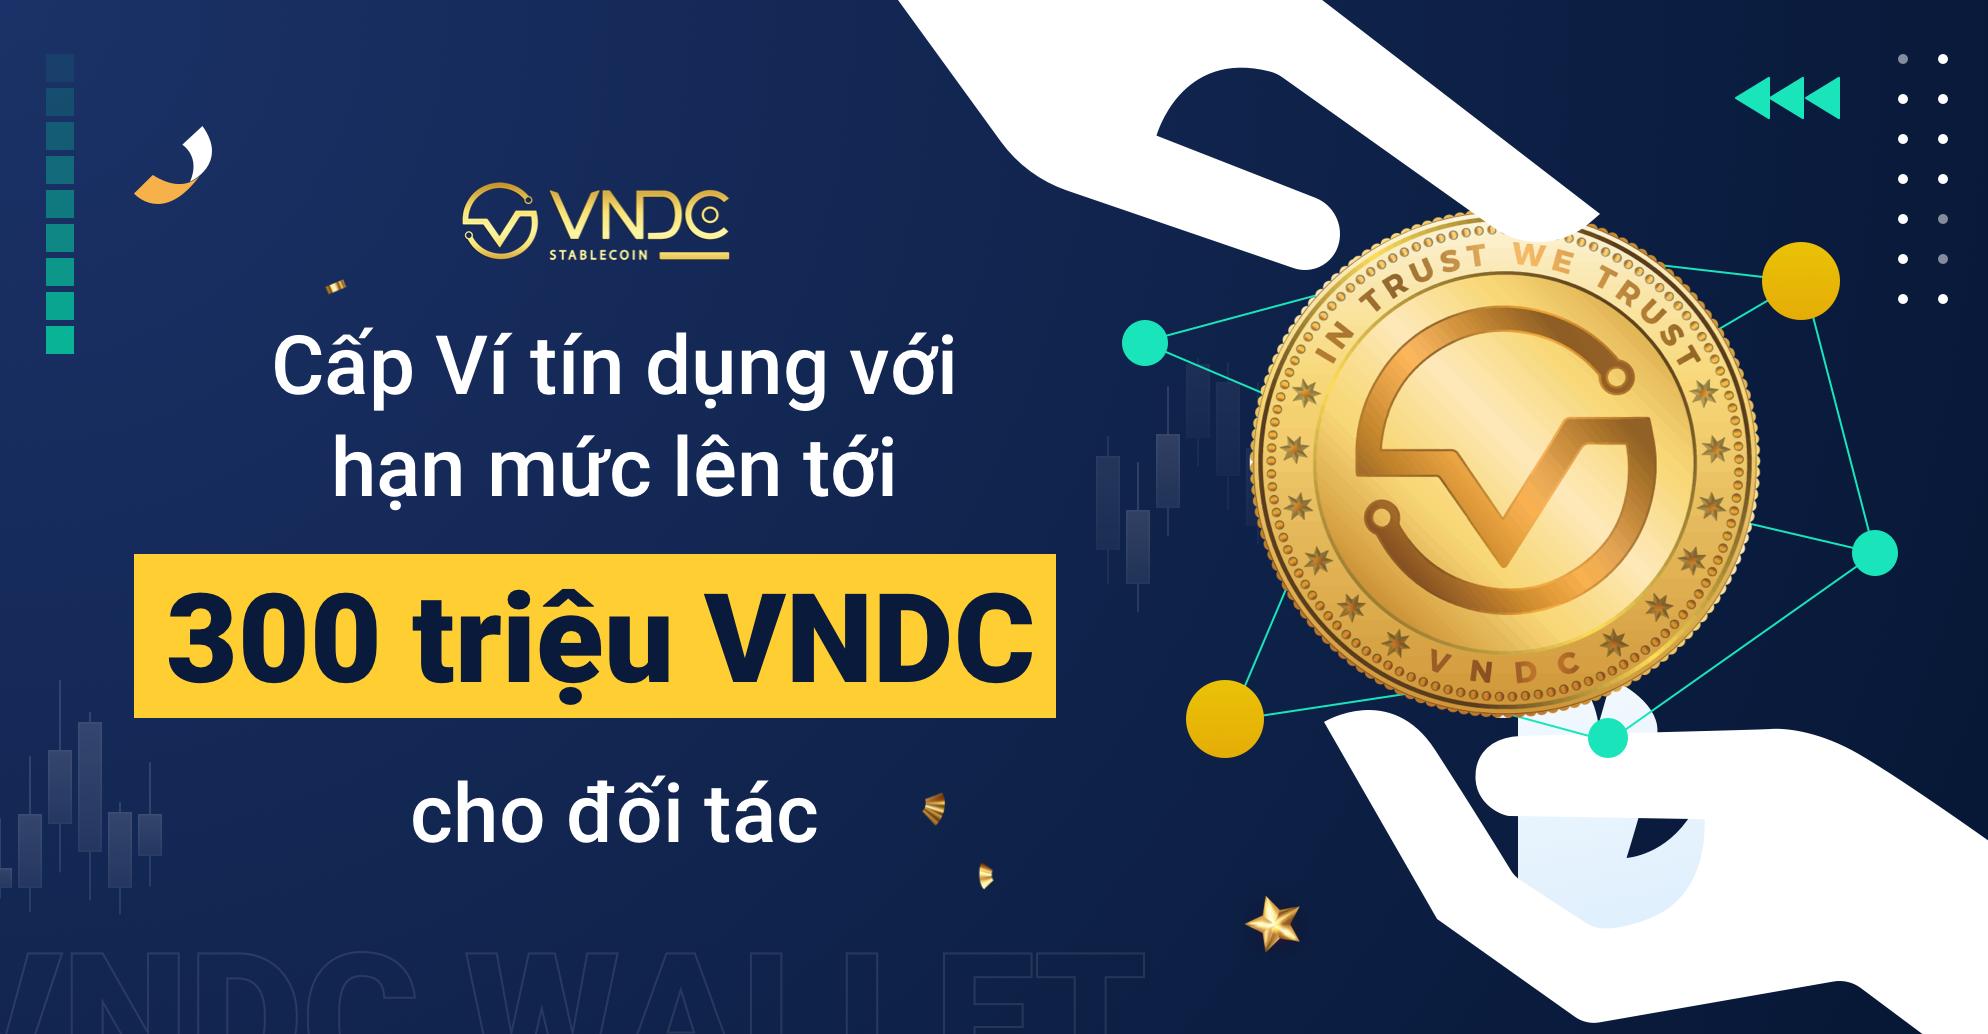 Cấp Ví tín dụng với hạn mức lên tới 300 triệu VNDC cho đối tác kinh doanh